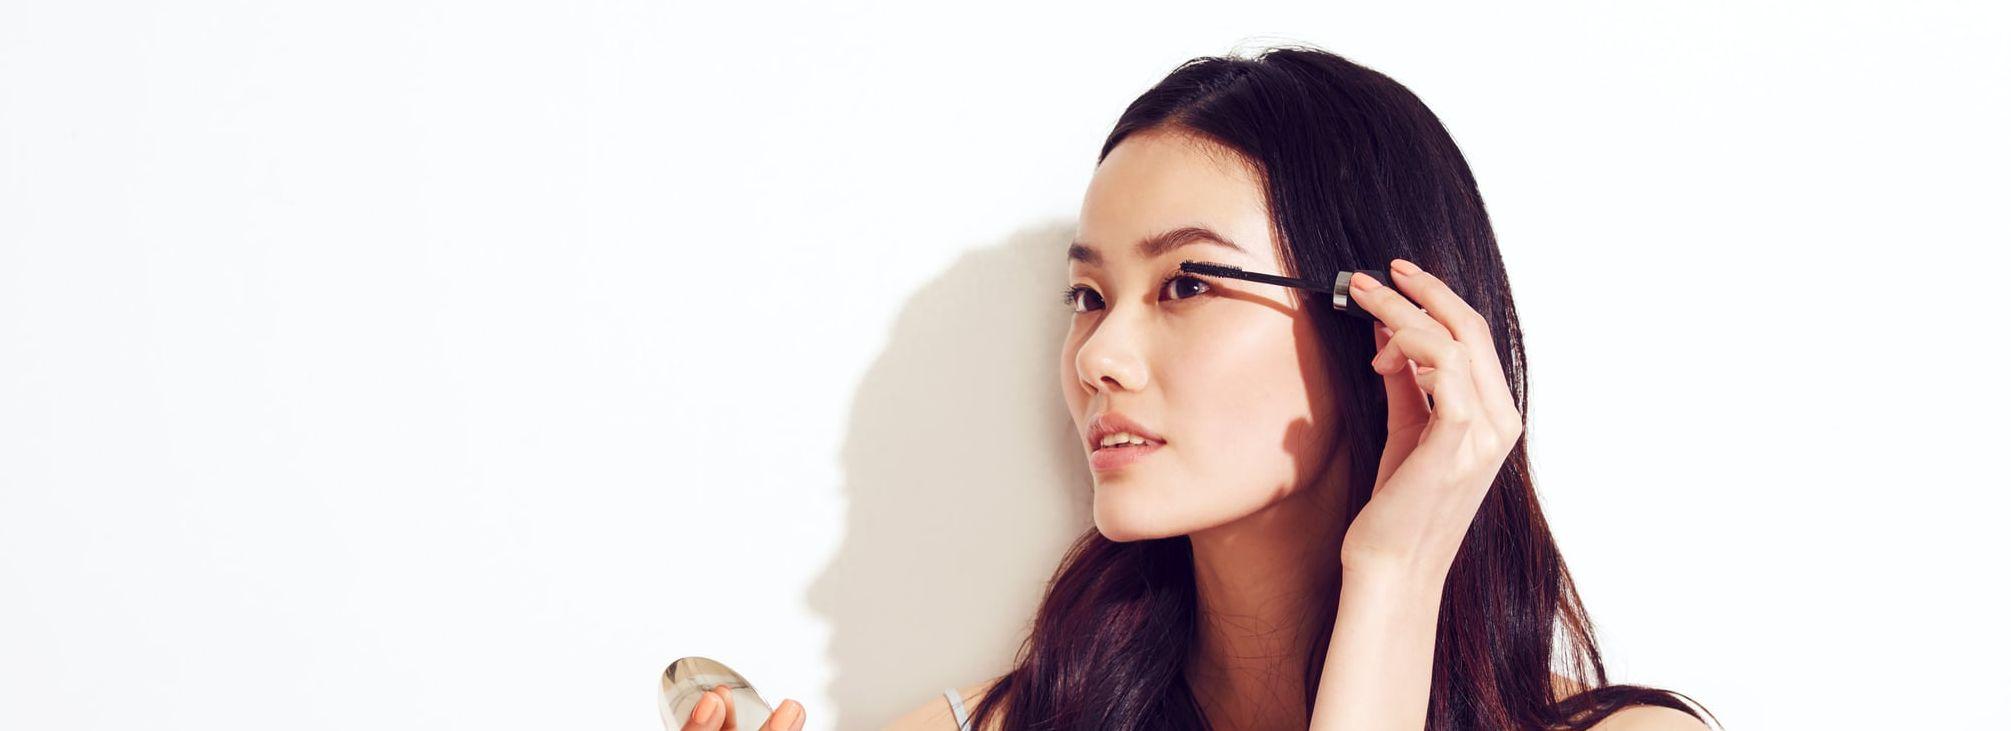 Jangan Sampai Ketinggalan Tren Makeup 2019 Berikut Ini!